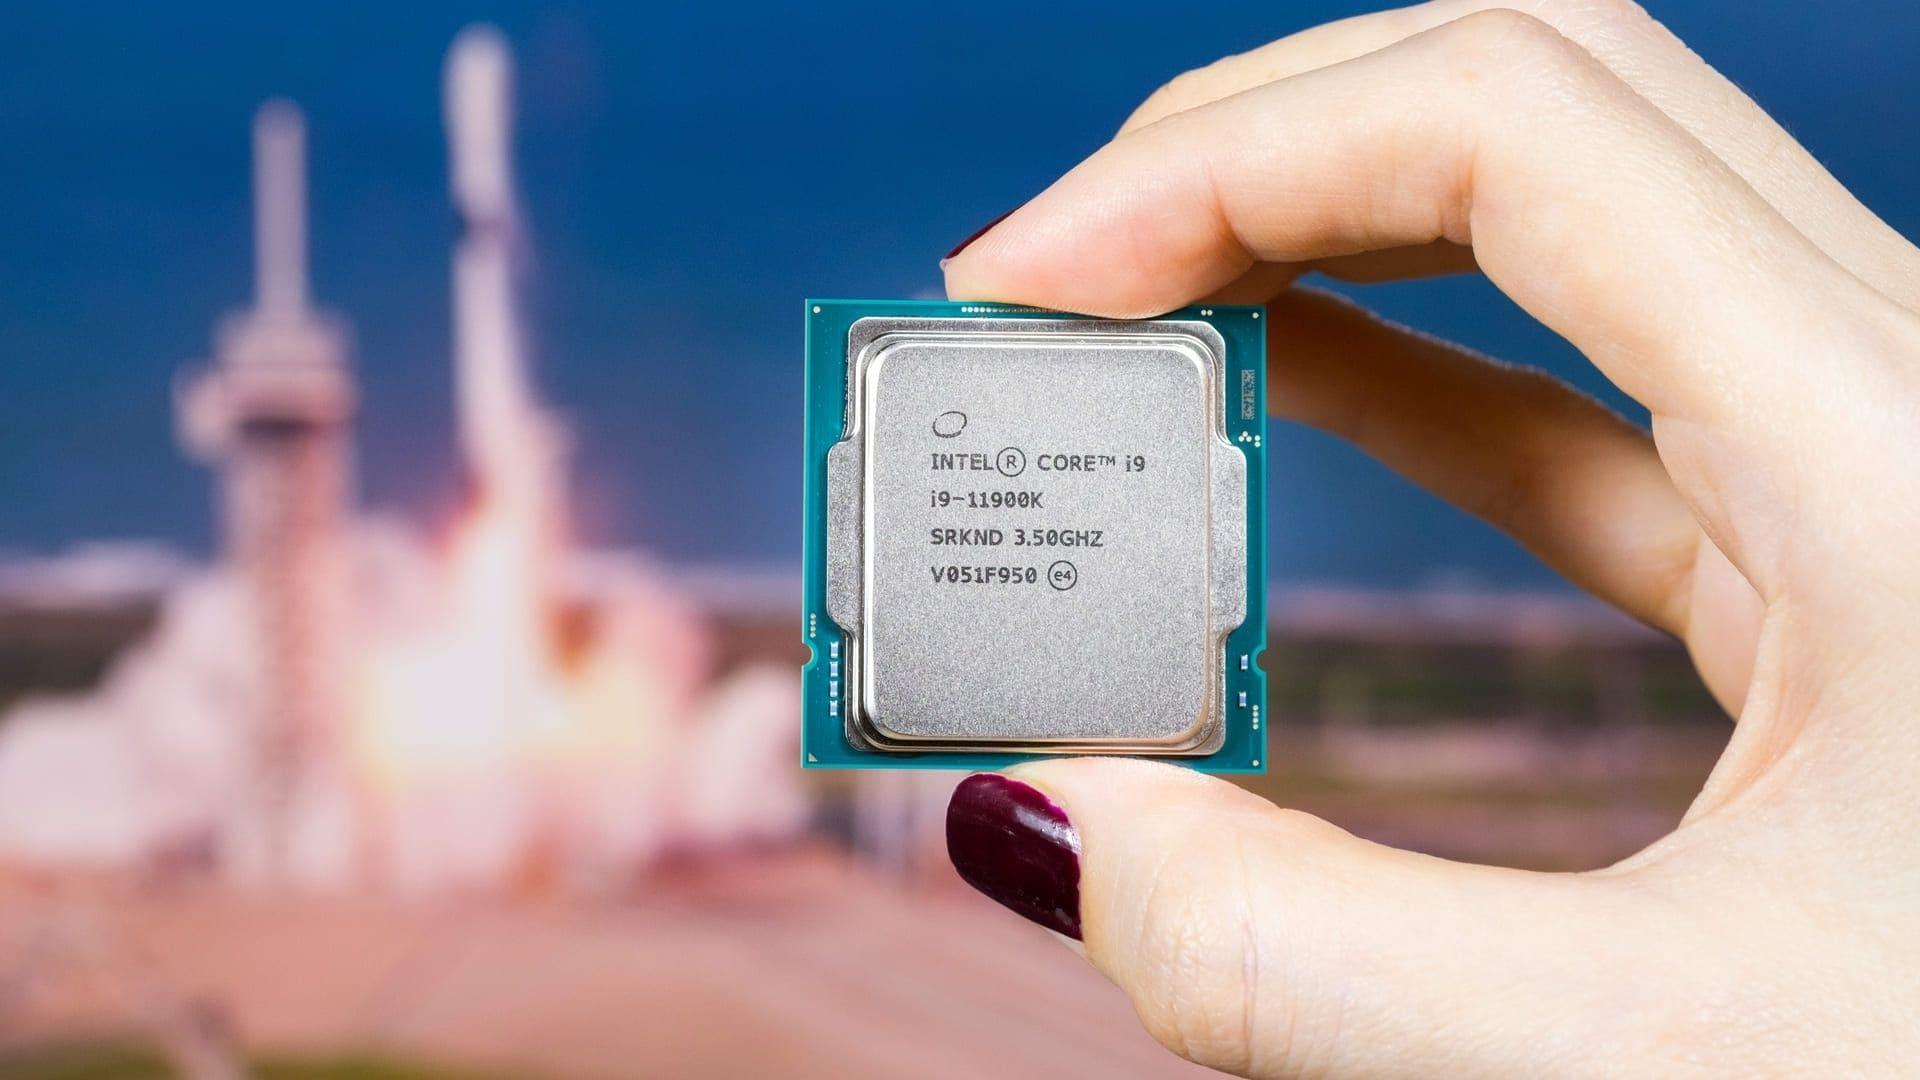 Mão segurando processador i9